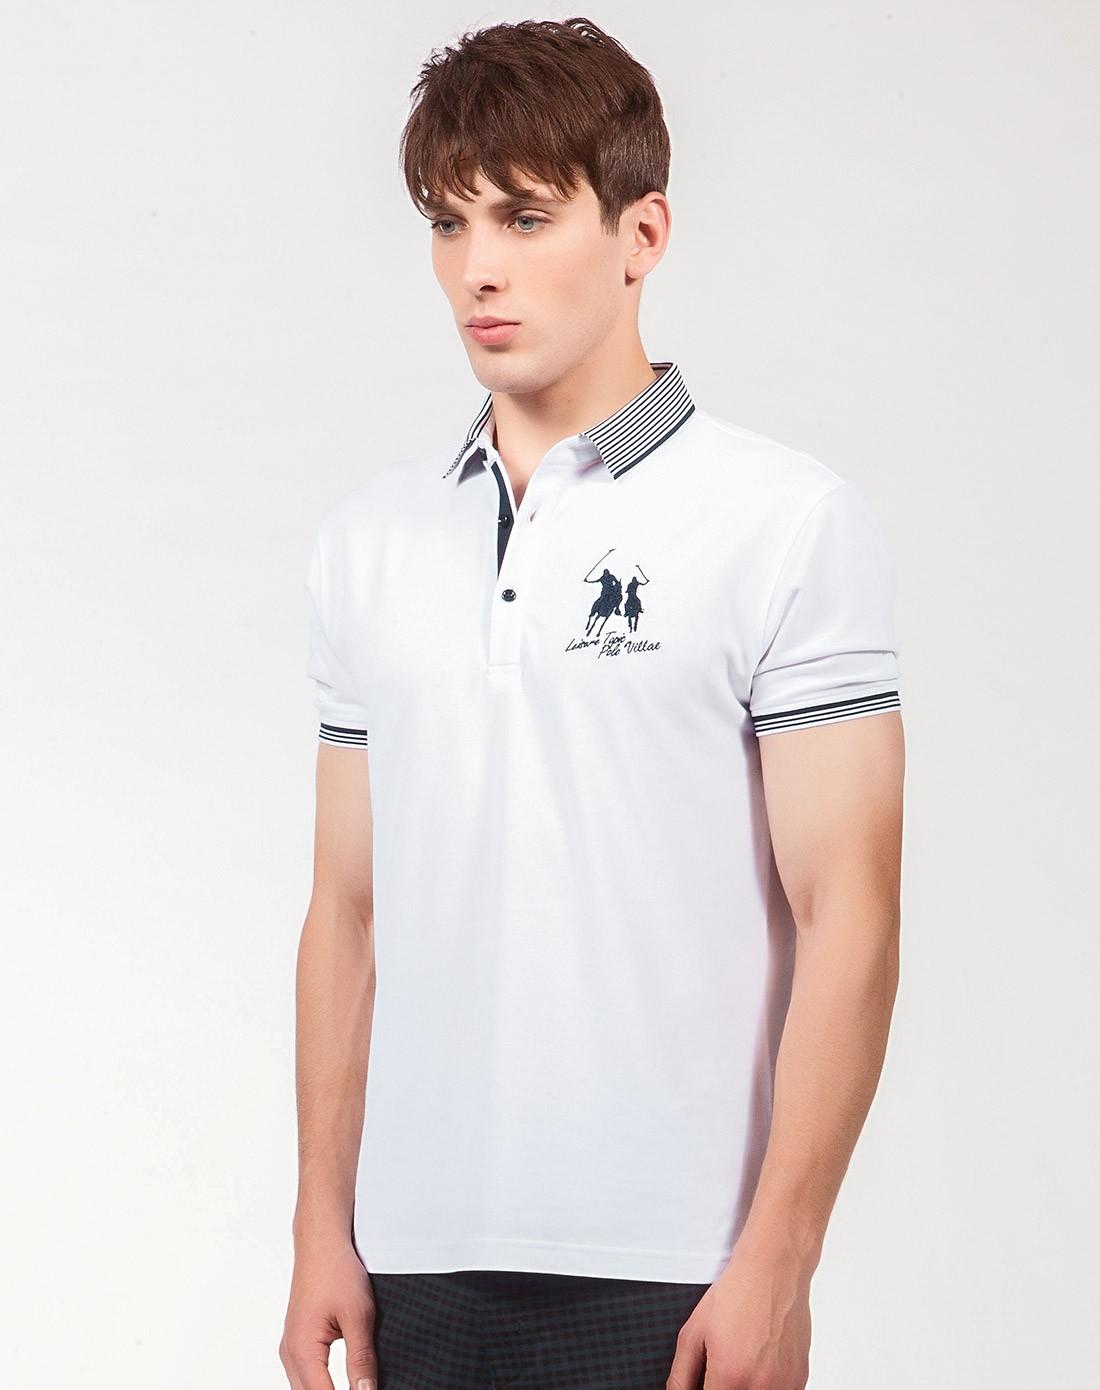 刺绣白色短袖polo衫